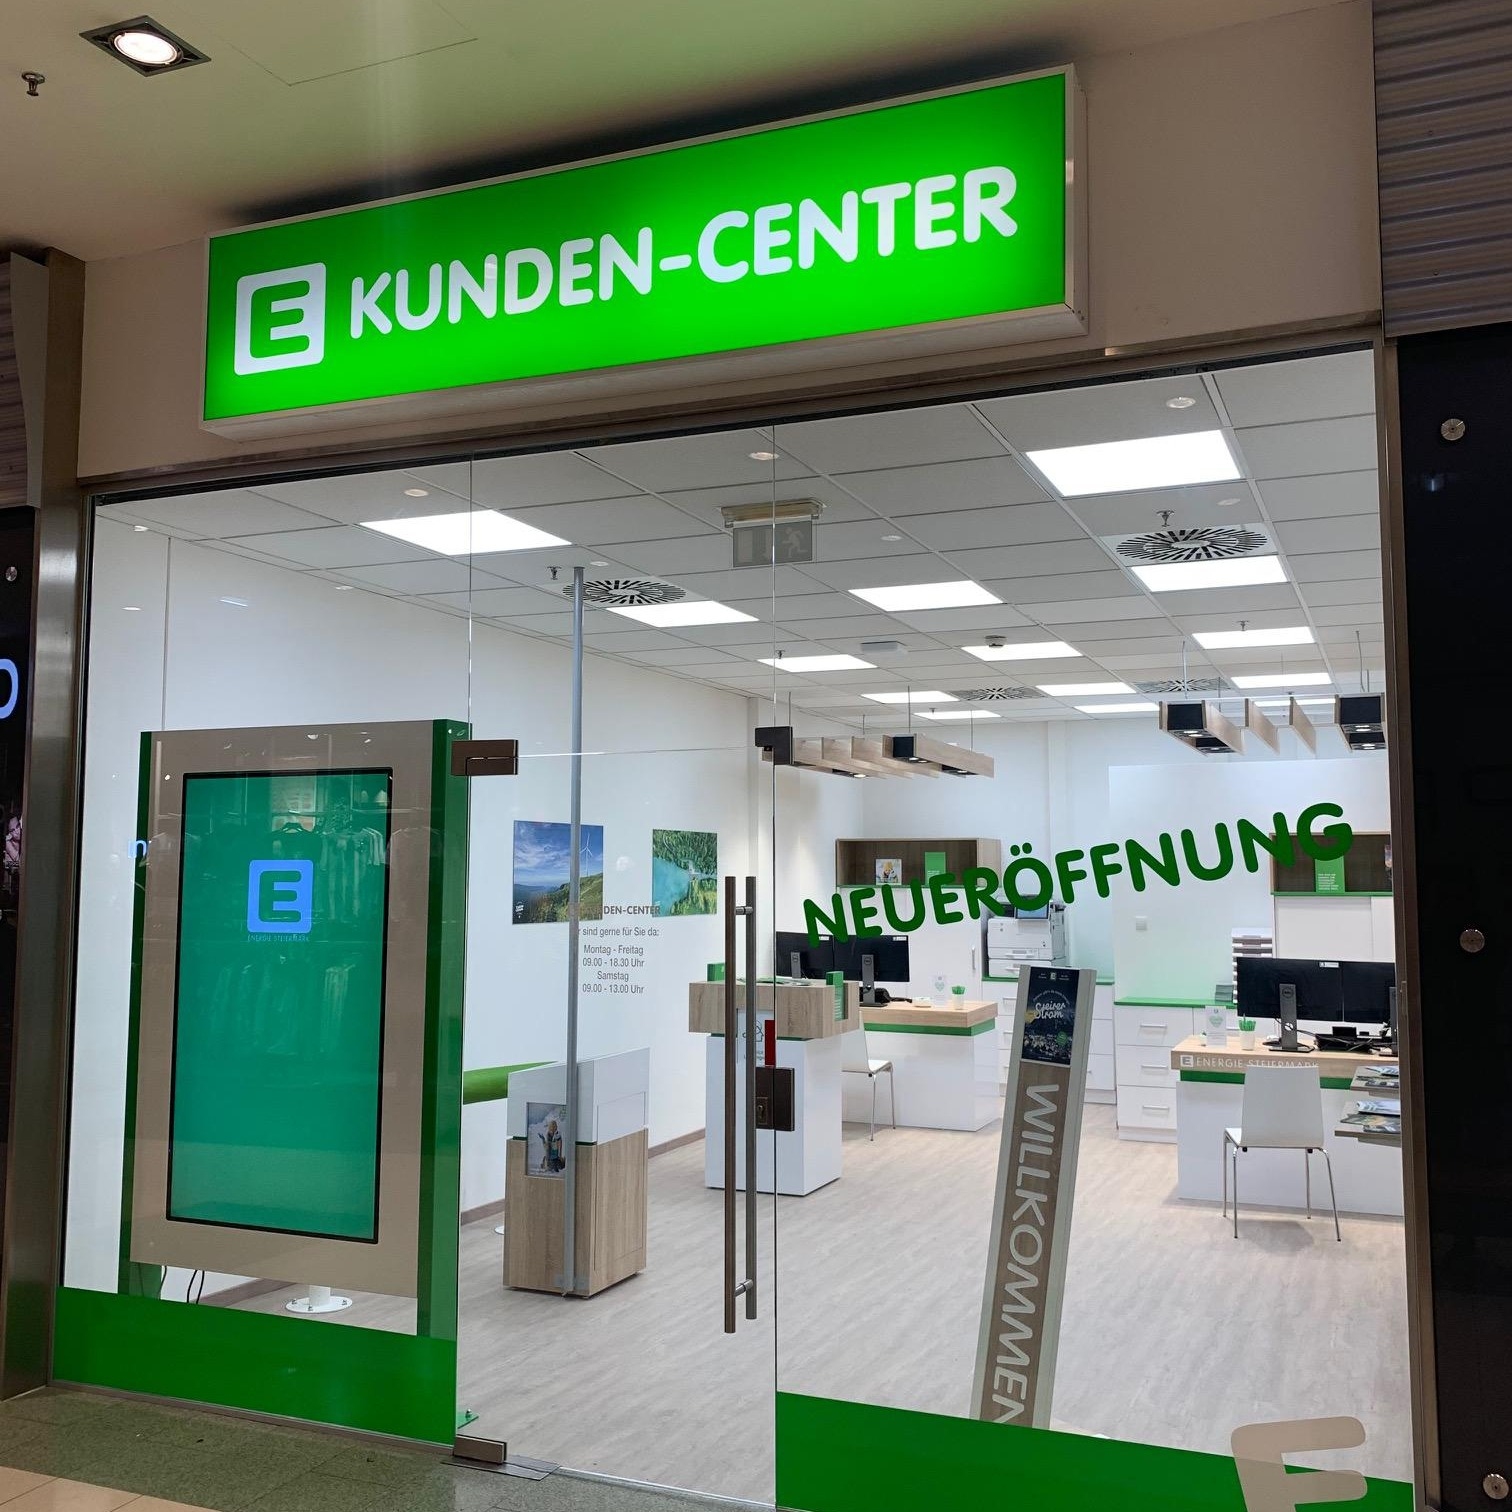 Energie Steiermark E-Kunden-Center